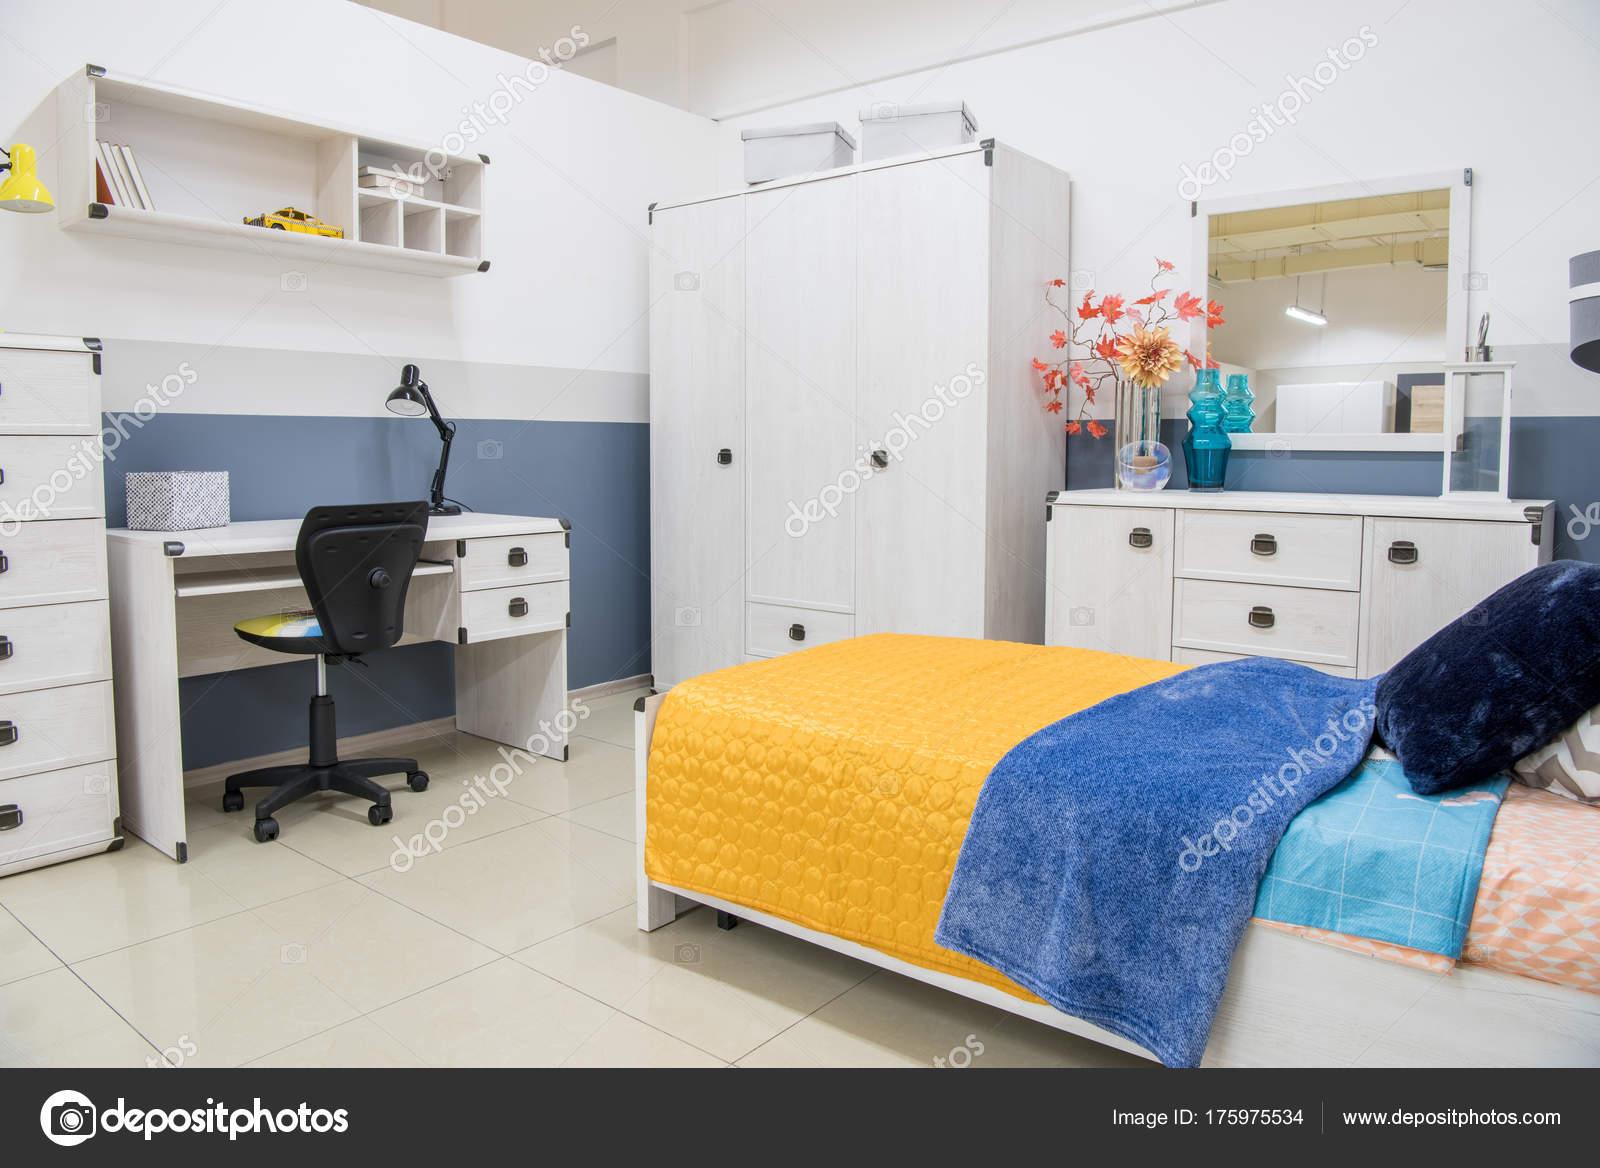 Gemutliche Moderne Schlafzimmer Einrichtung Mit Mobeln Stockfoto